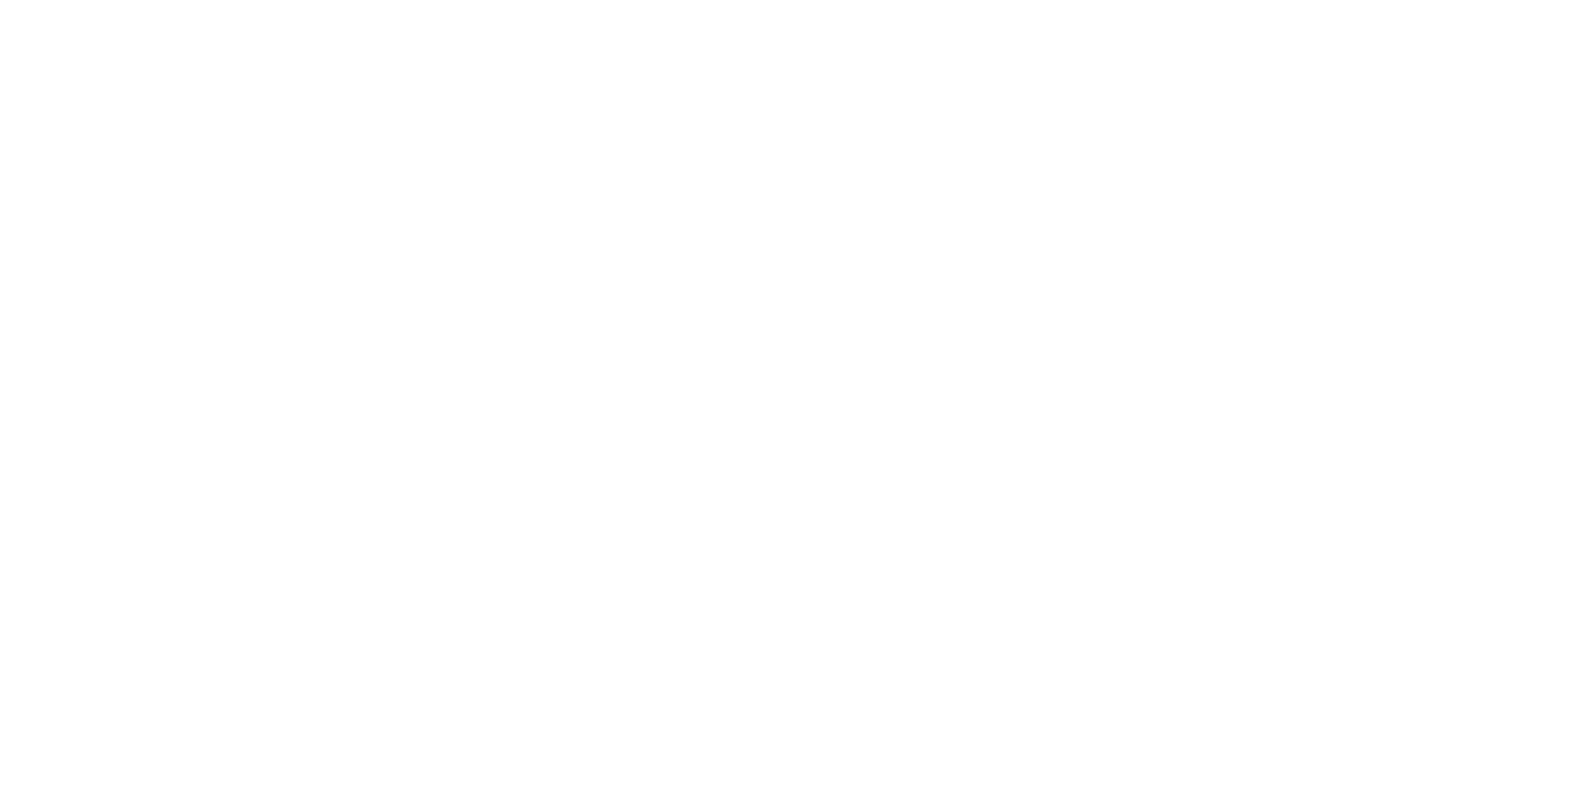 mediadisco.pl - disco polo